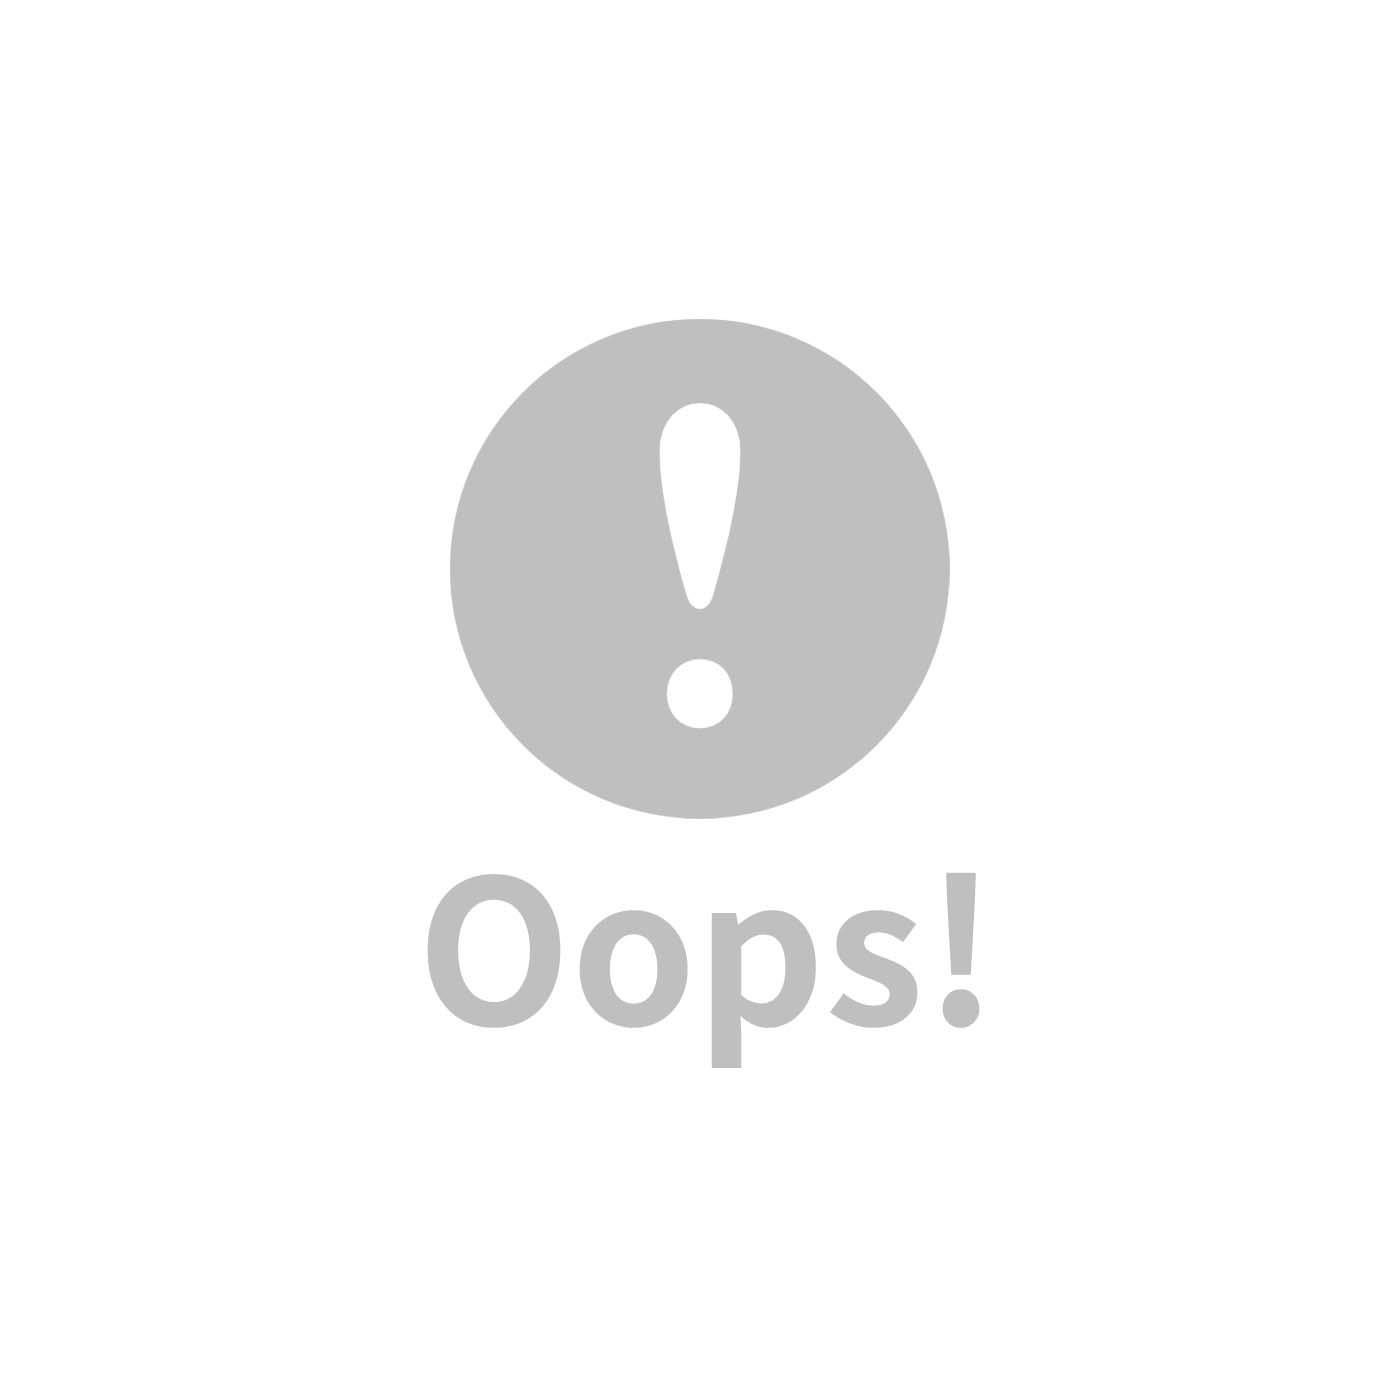 【此商品為預購品,於4/10起出貨】Milo & Gabby 動物好朋友-長條抱枕心枕套組(Duke小鴨)